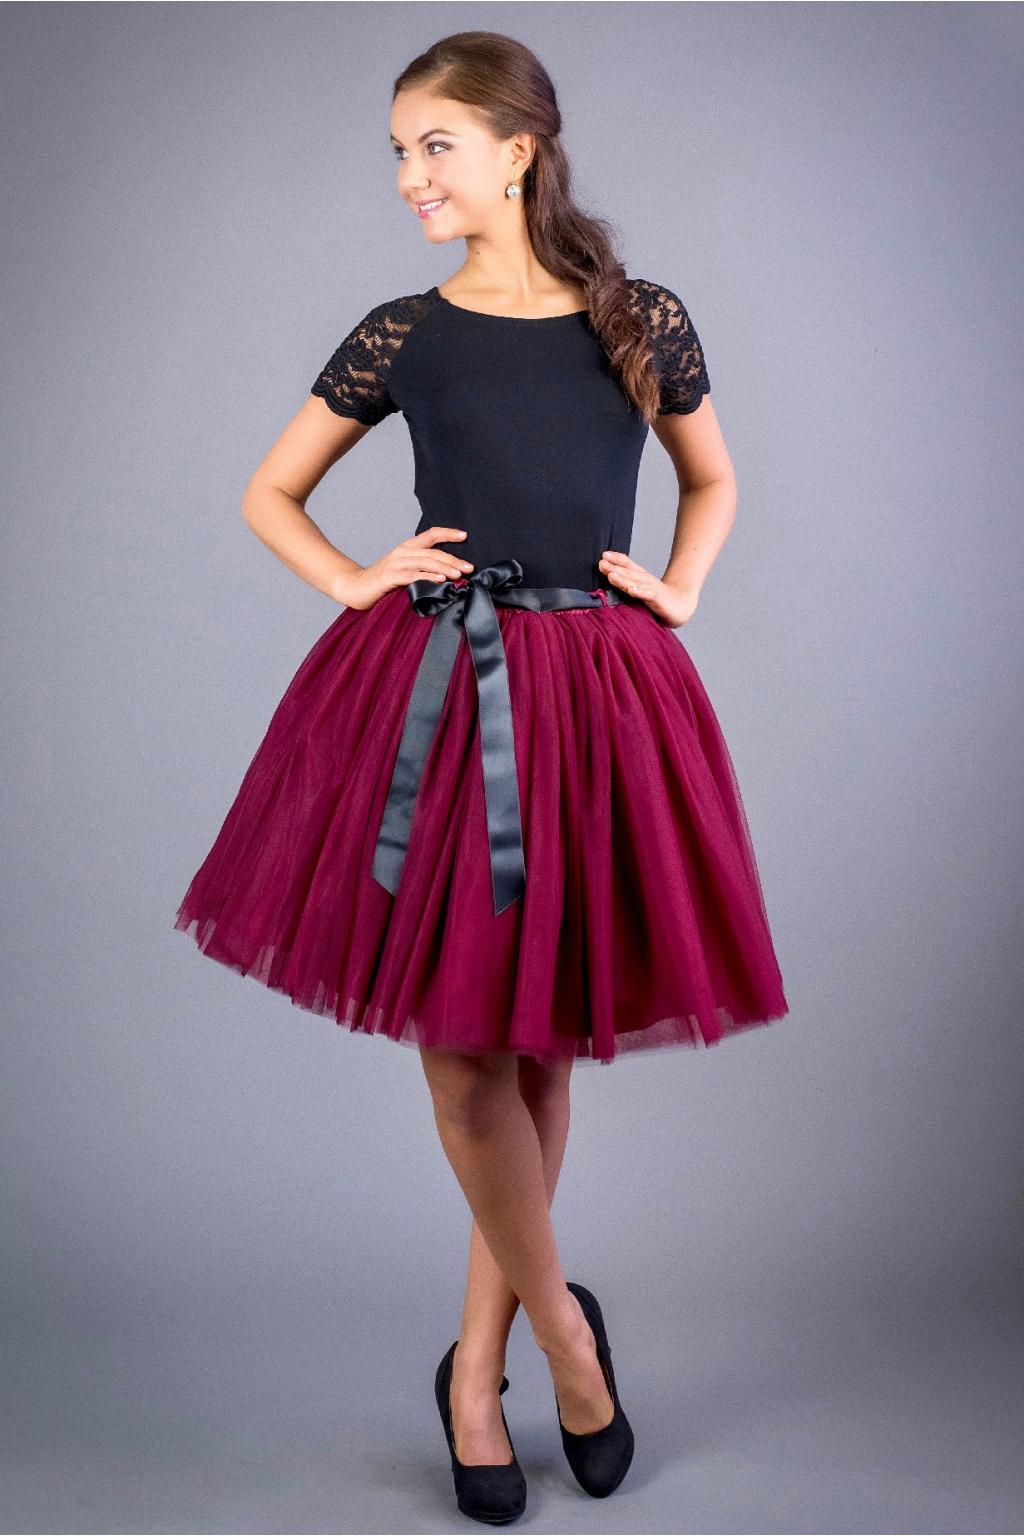 Dámská tylová TUTU sukně vínová - MiaBella 82fdae478b